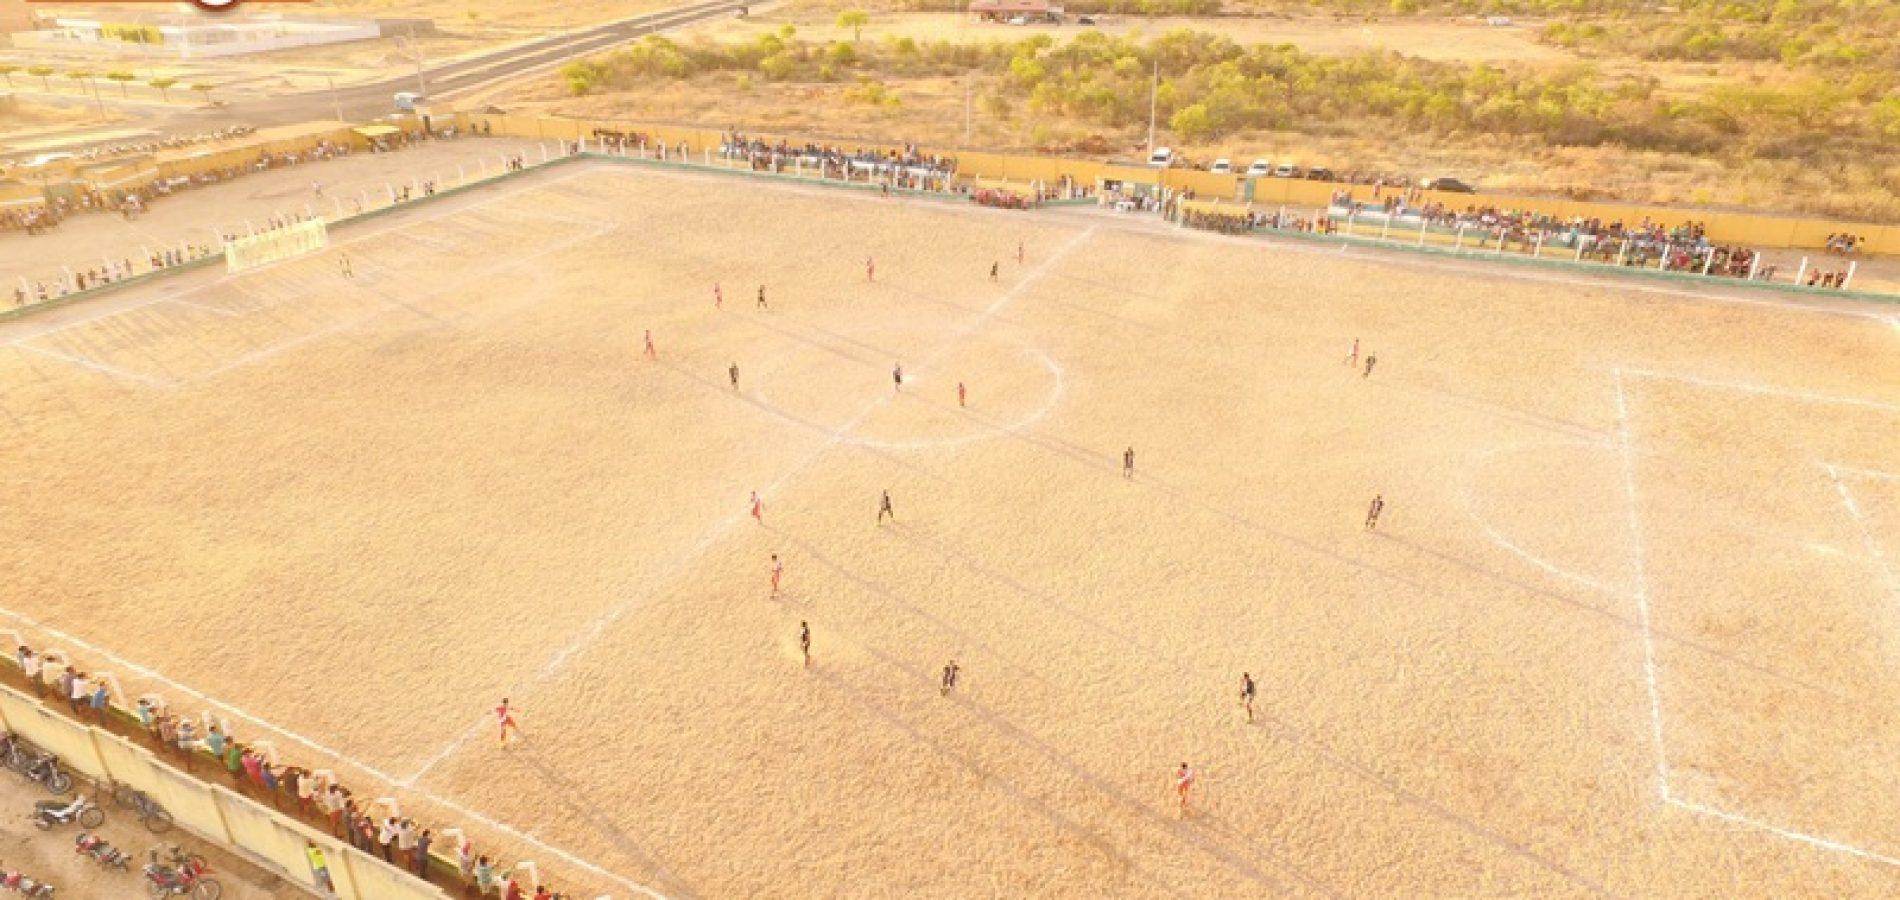 Campeonato de Futebol Amador de Belém do PI inicia em 02 de novembro; premiação é de R$6.750